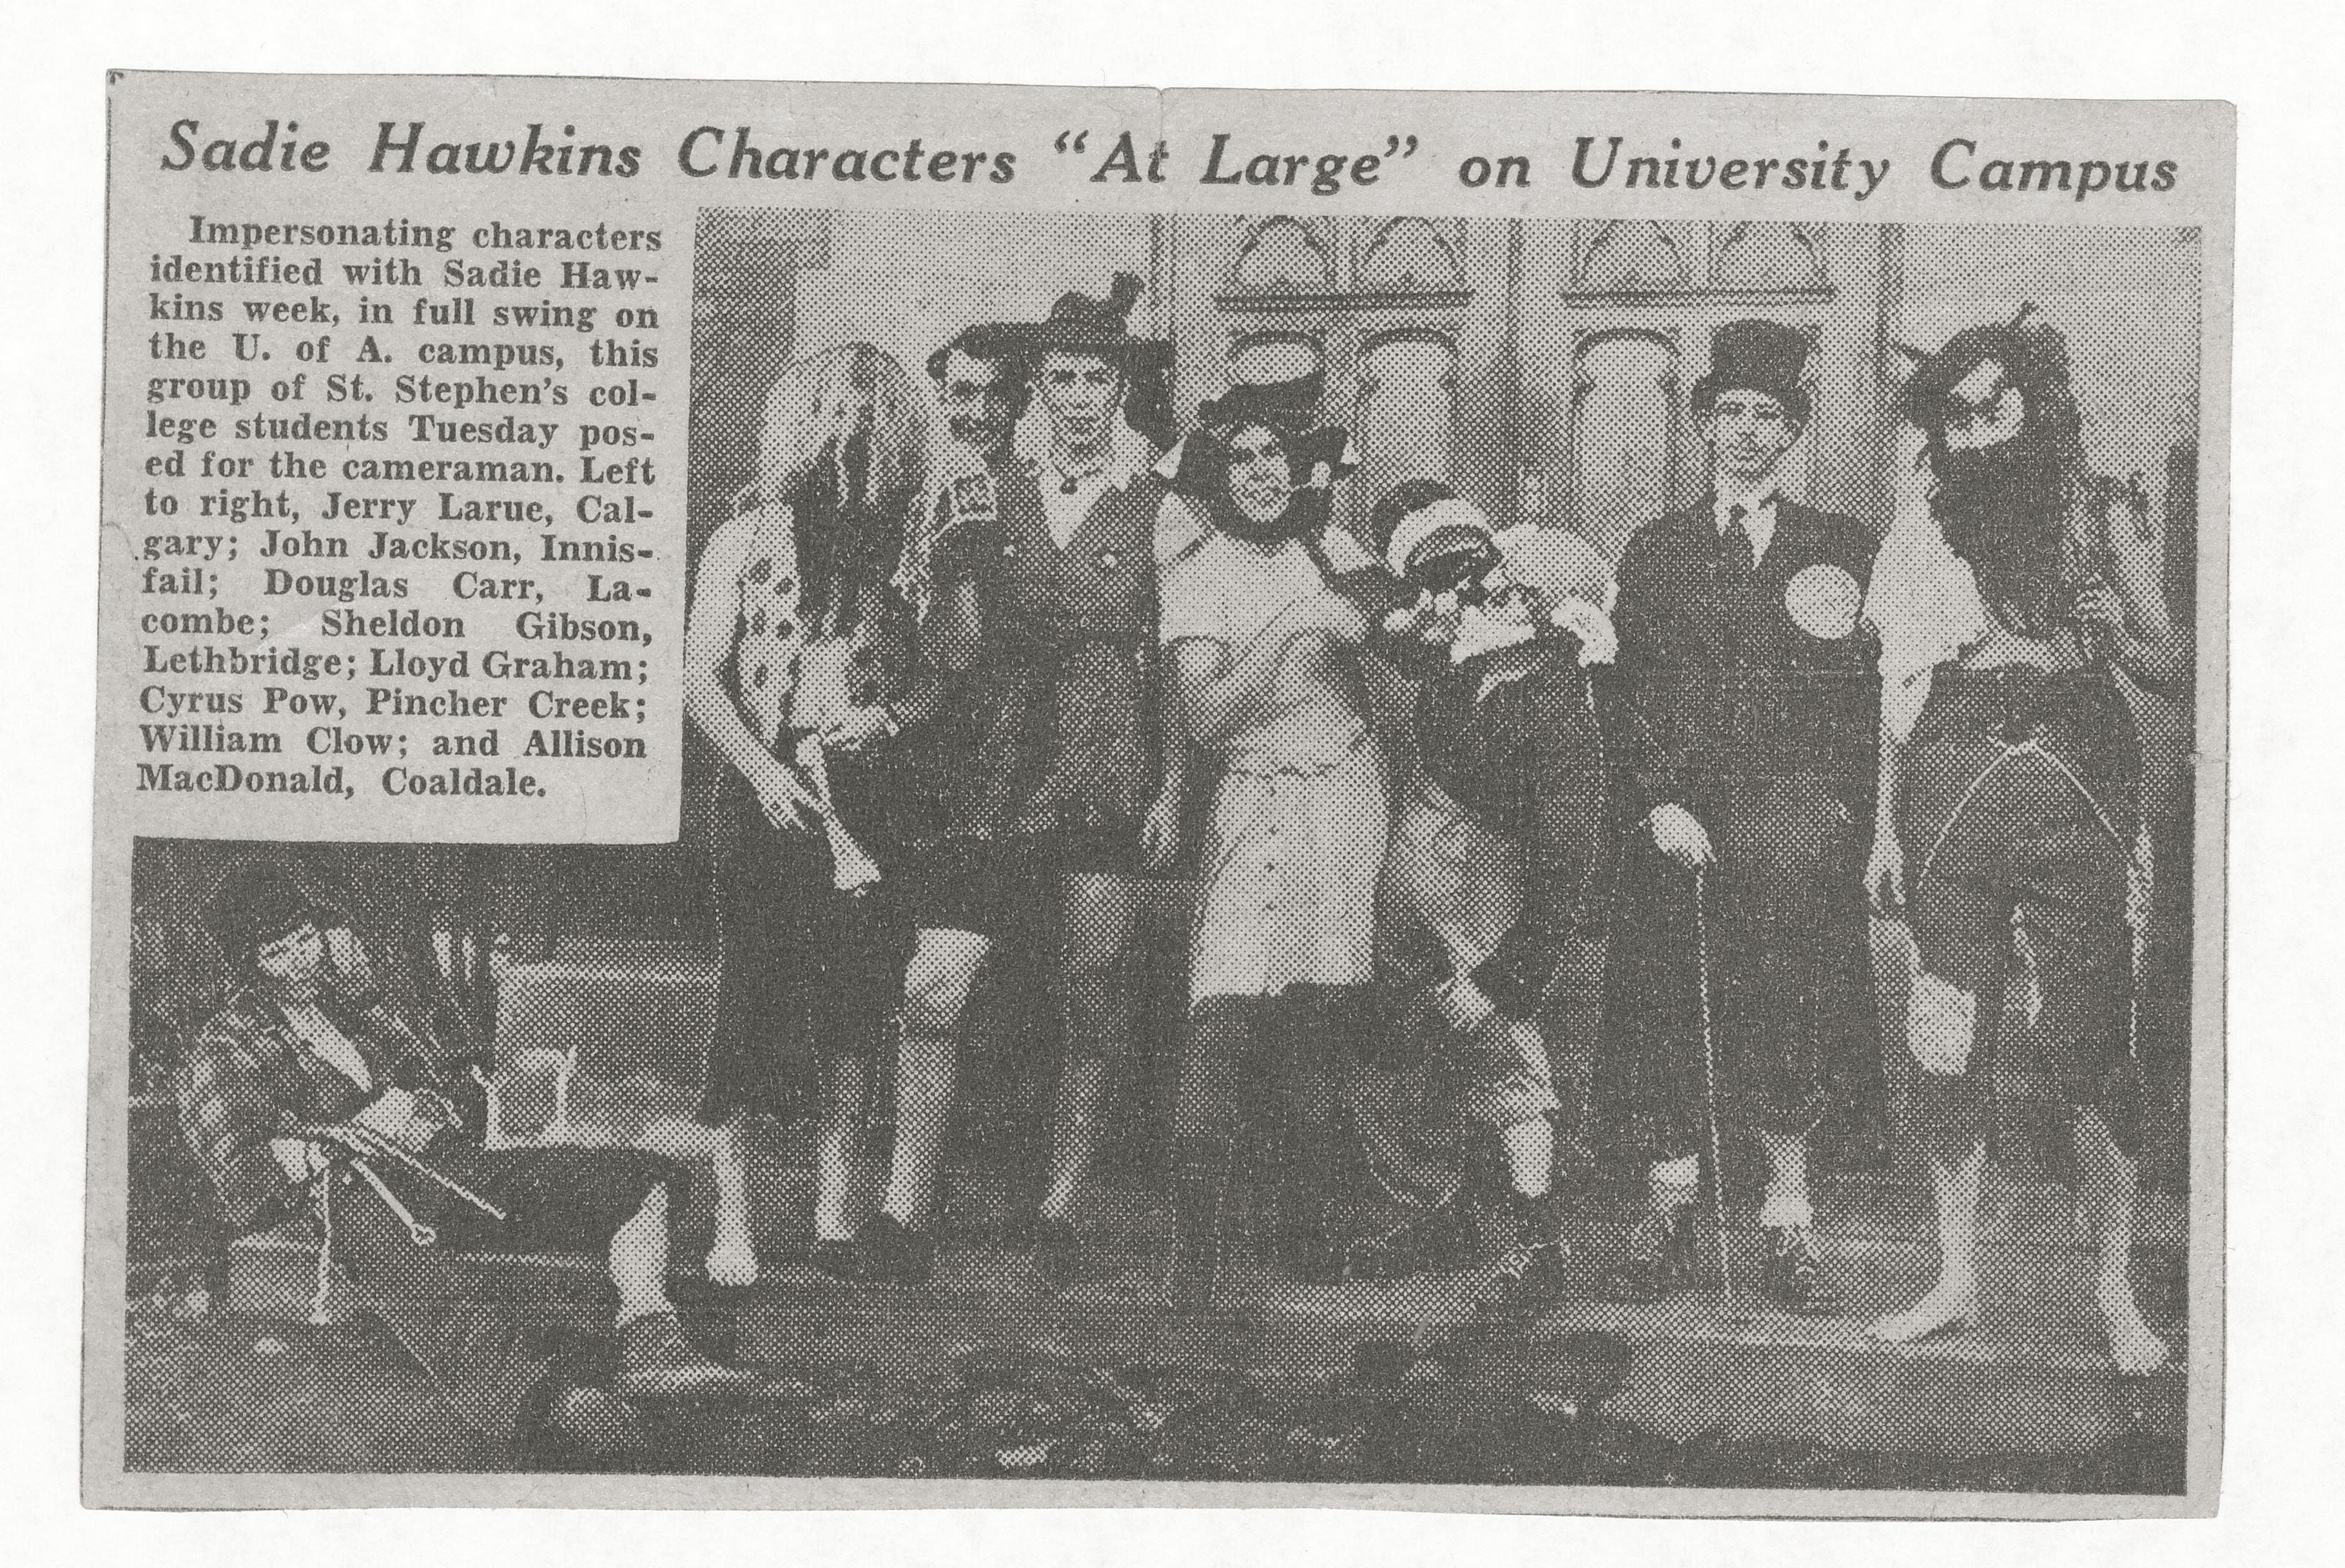 ASG 1943 Sadie Hawkins article